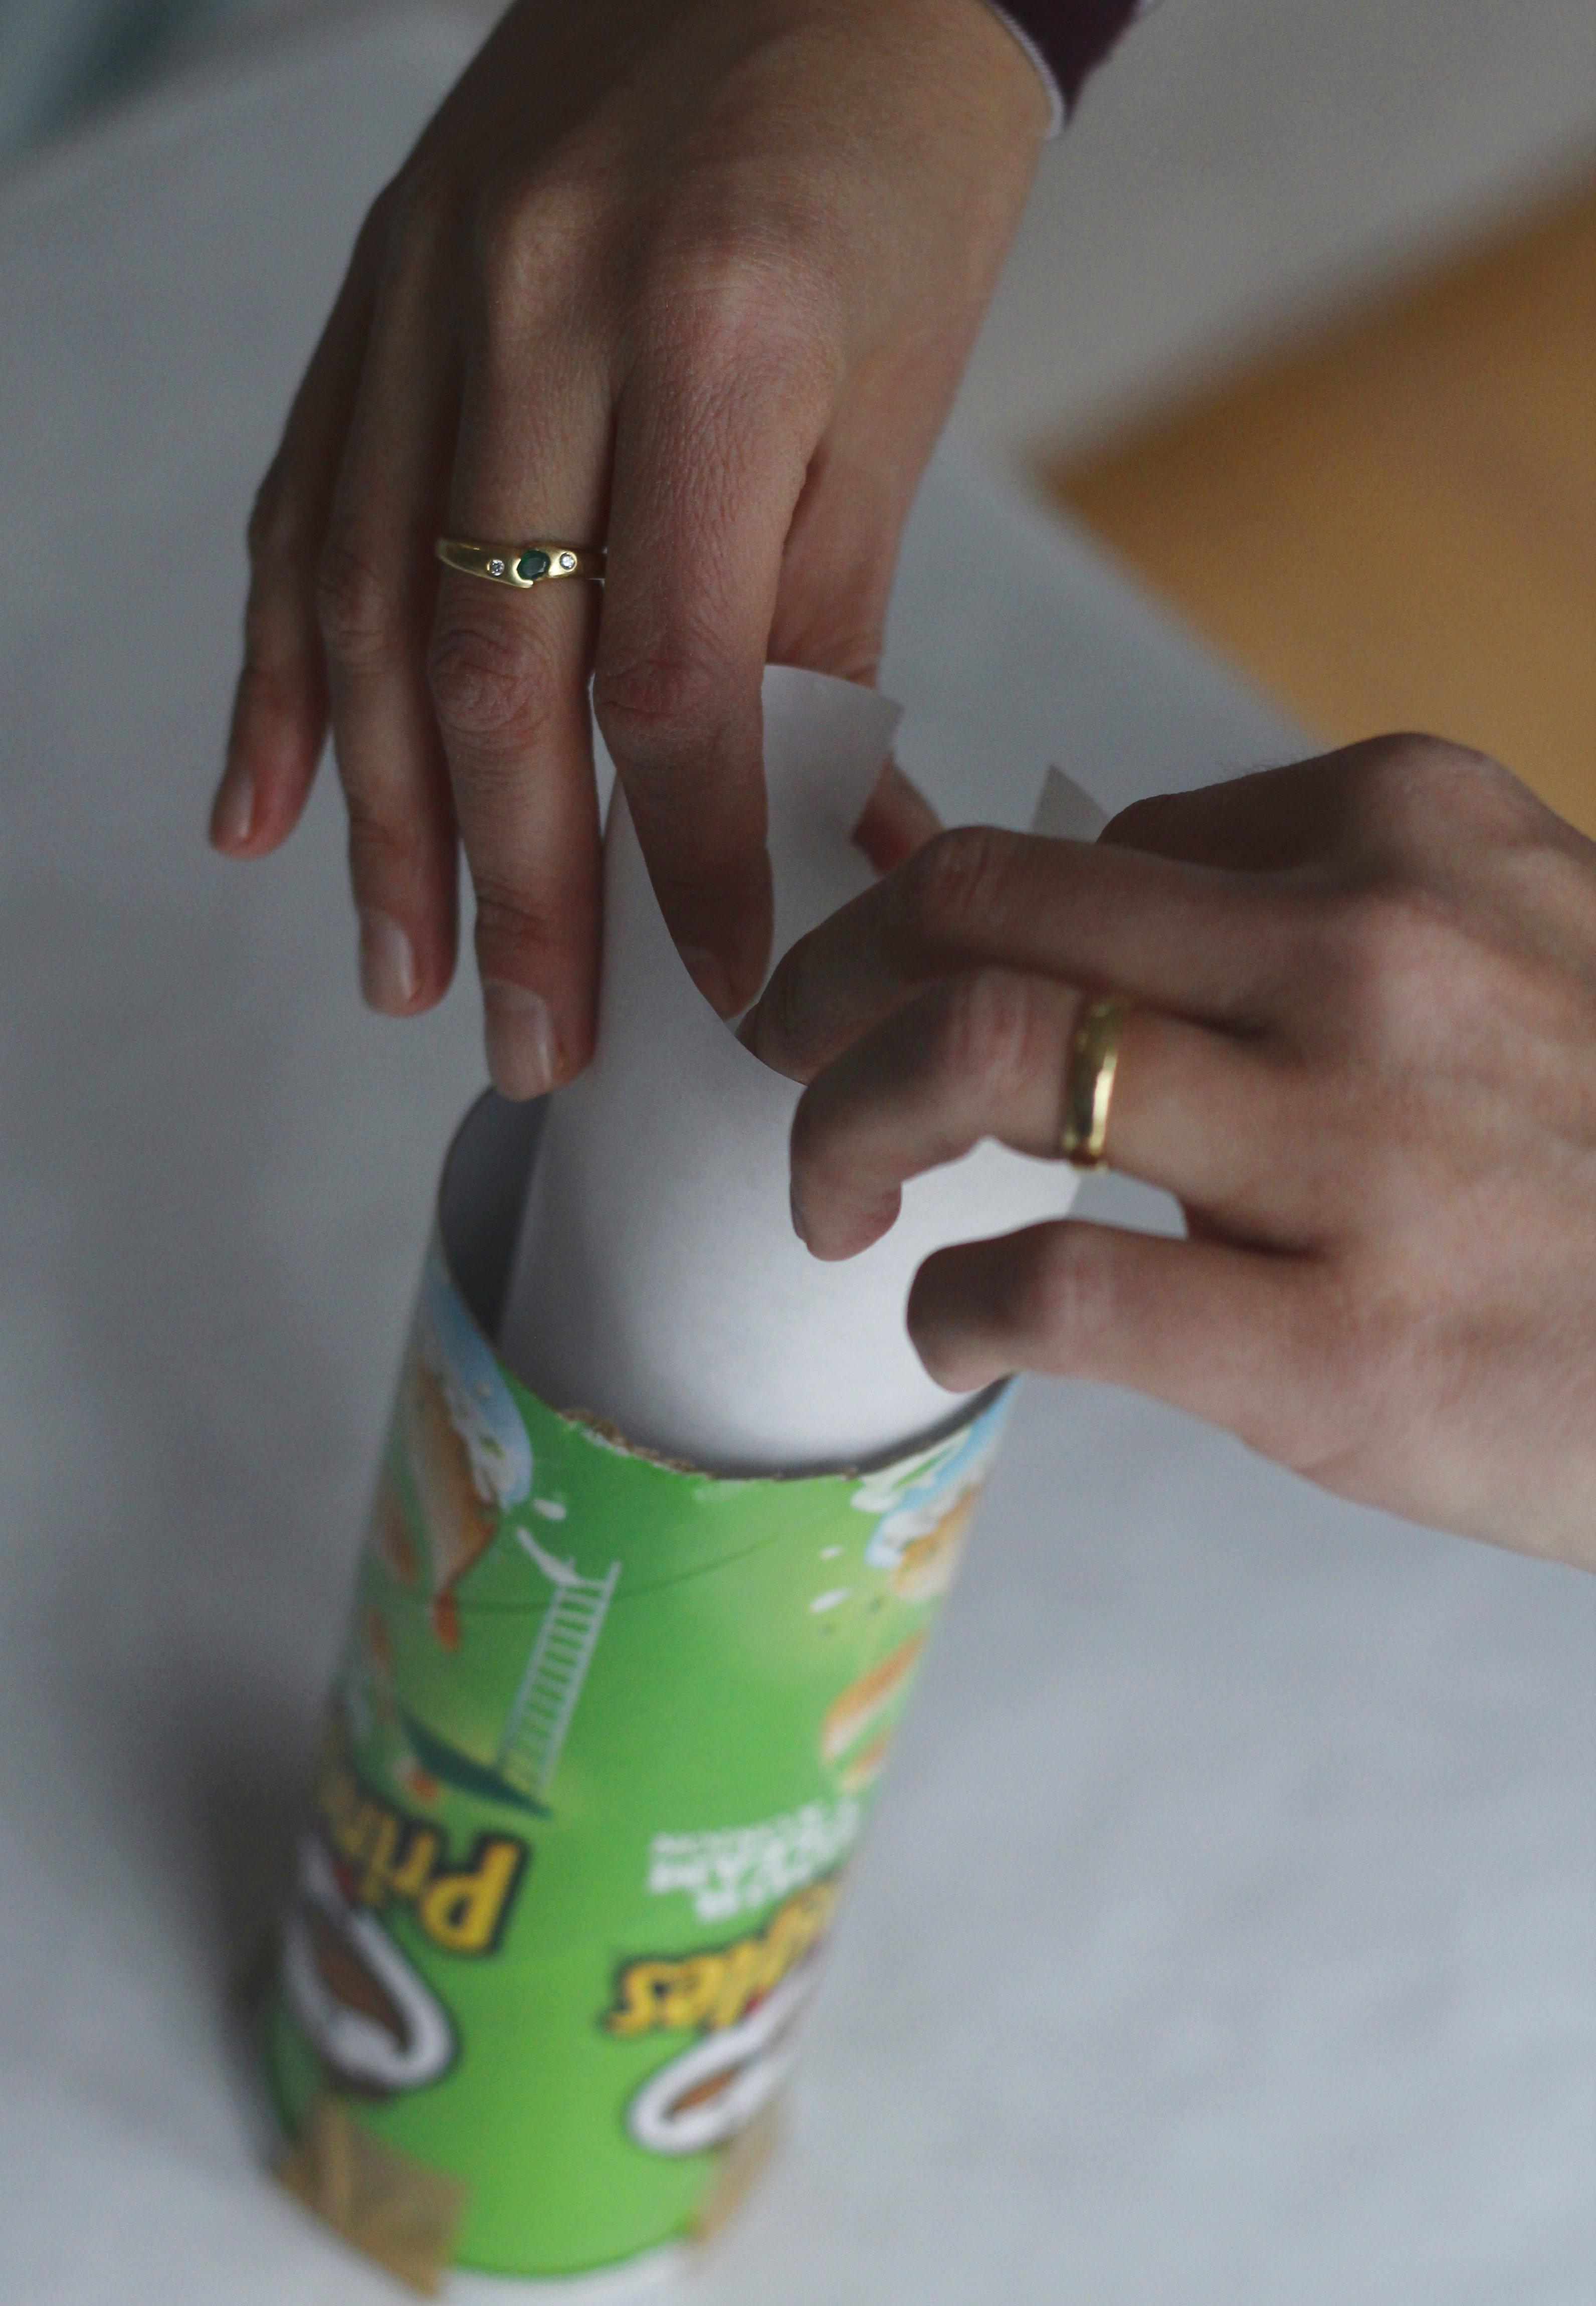 Dondurucu kağıt ile çizgi olabilir